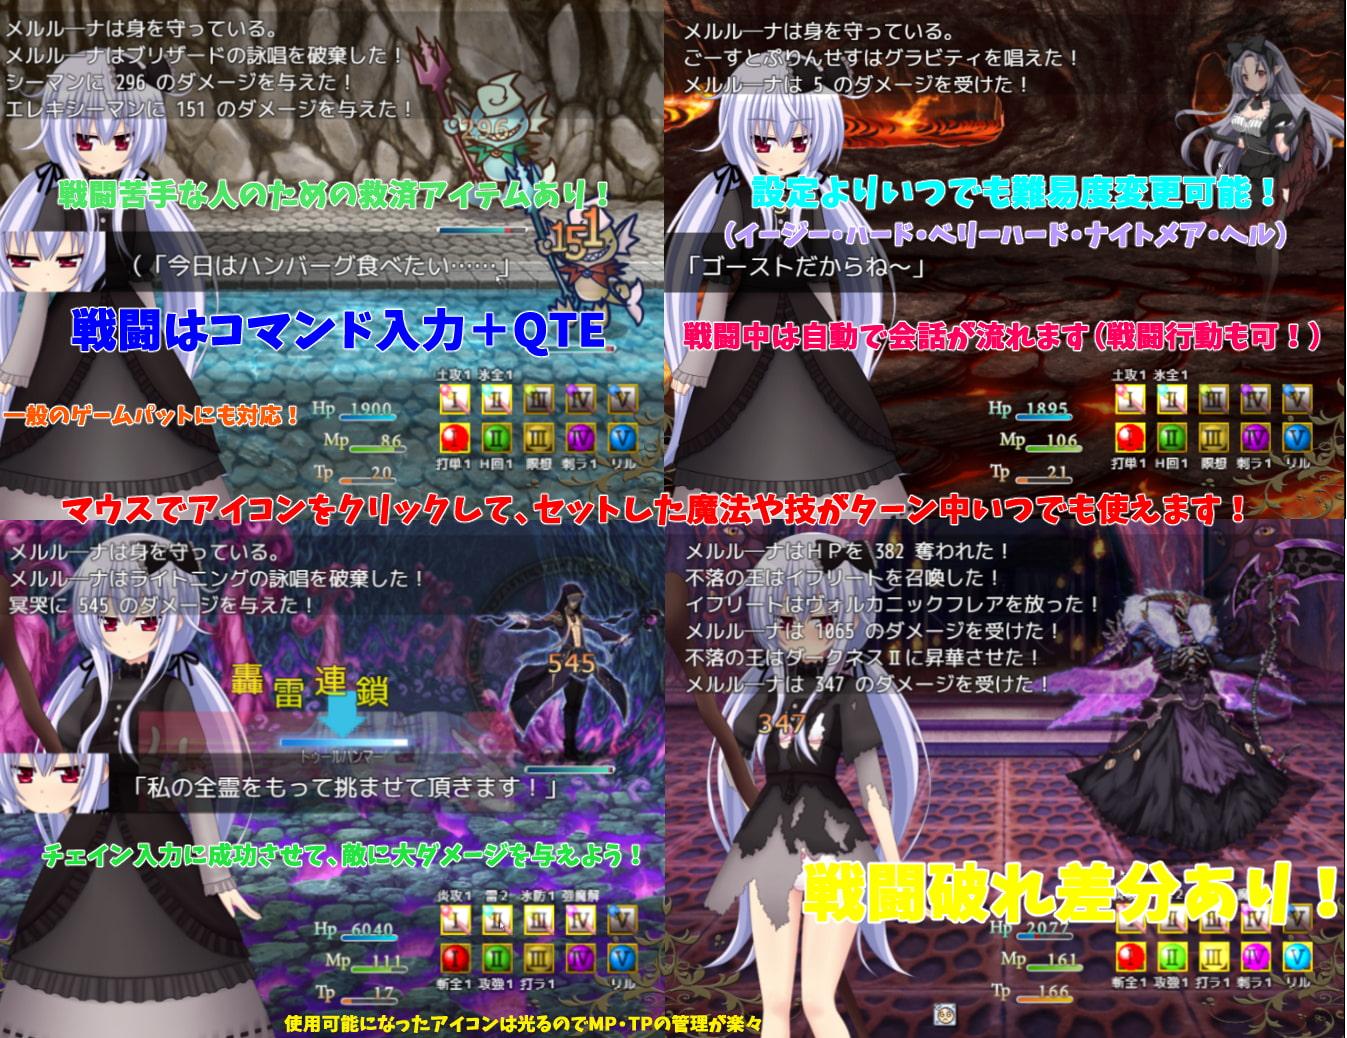 【特典:メルルのエッチなボイスドラマ×2・ミニRPG】黒き祈り~冥哭のメルルーナ~フルボイスパッチ